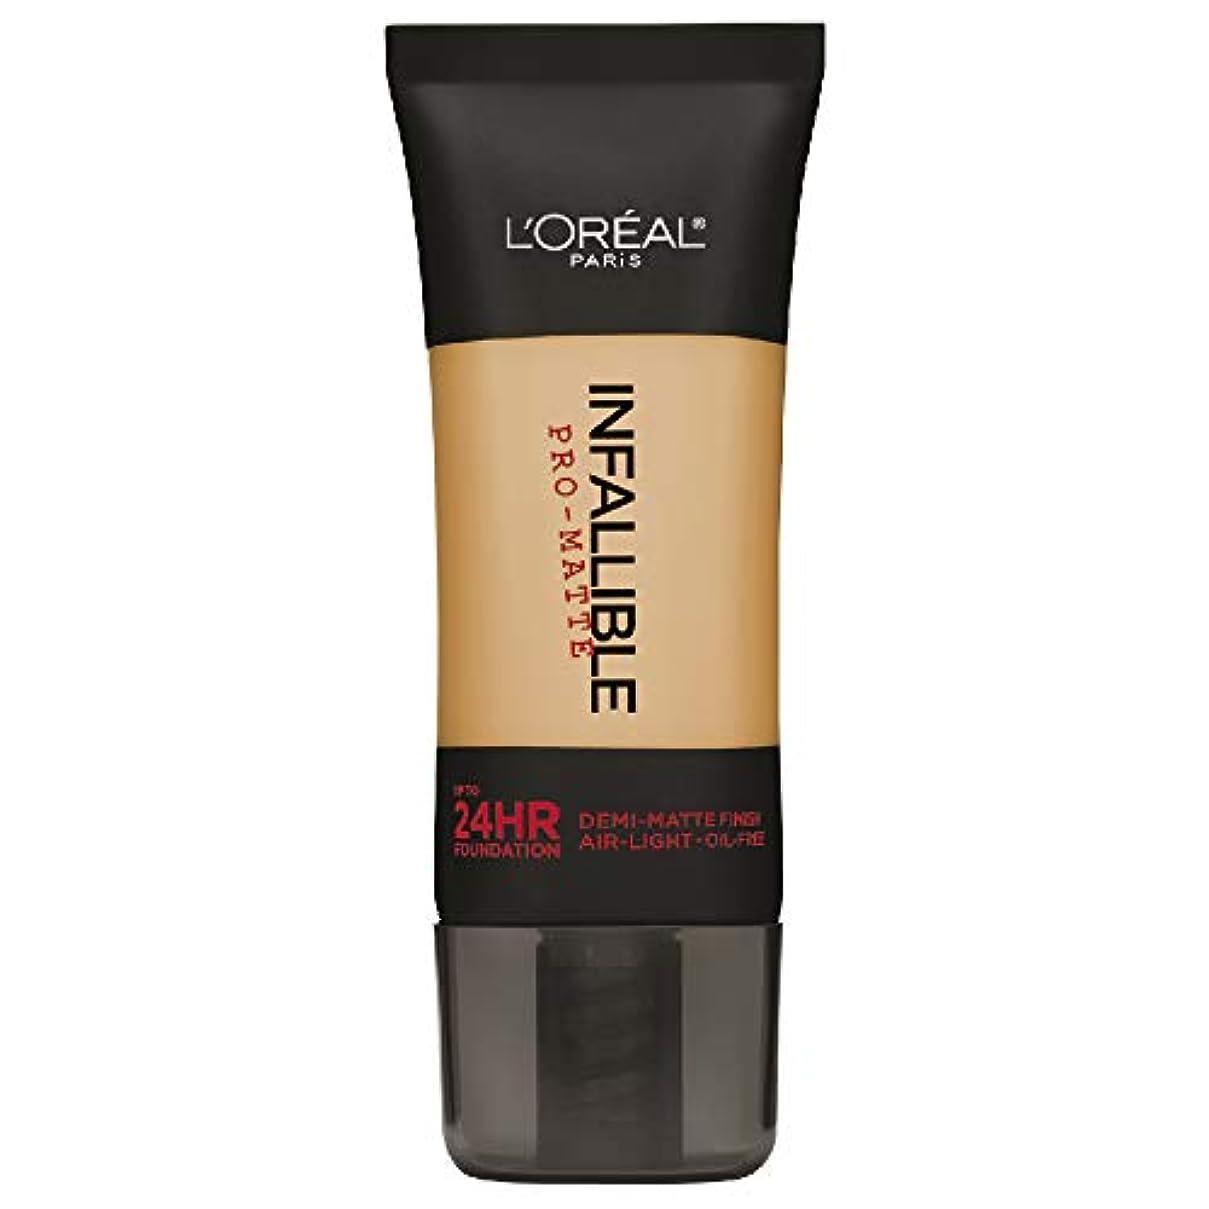 不潔昼間機知に富んだL'Oreal Paris Infallible Pro-Matte Foundation Makeup, 106 Sun Beige, 1 fl. oz[並行輸入品]